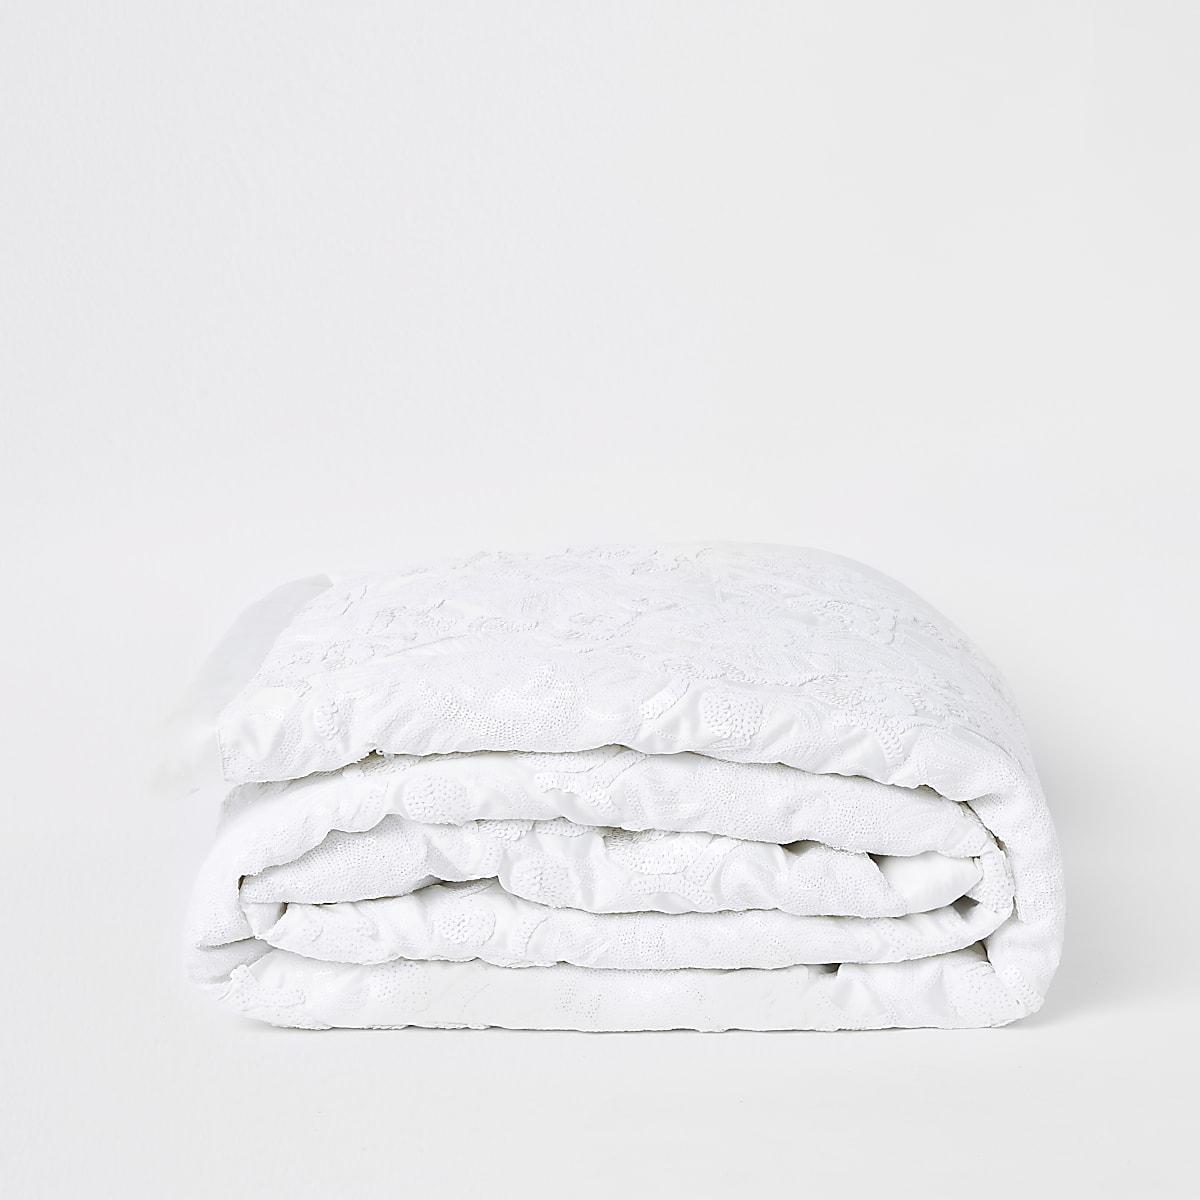 Cream white on white sequin runner